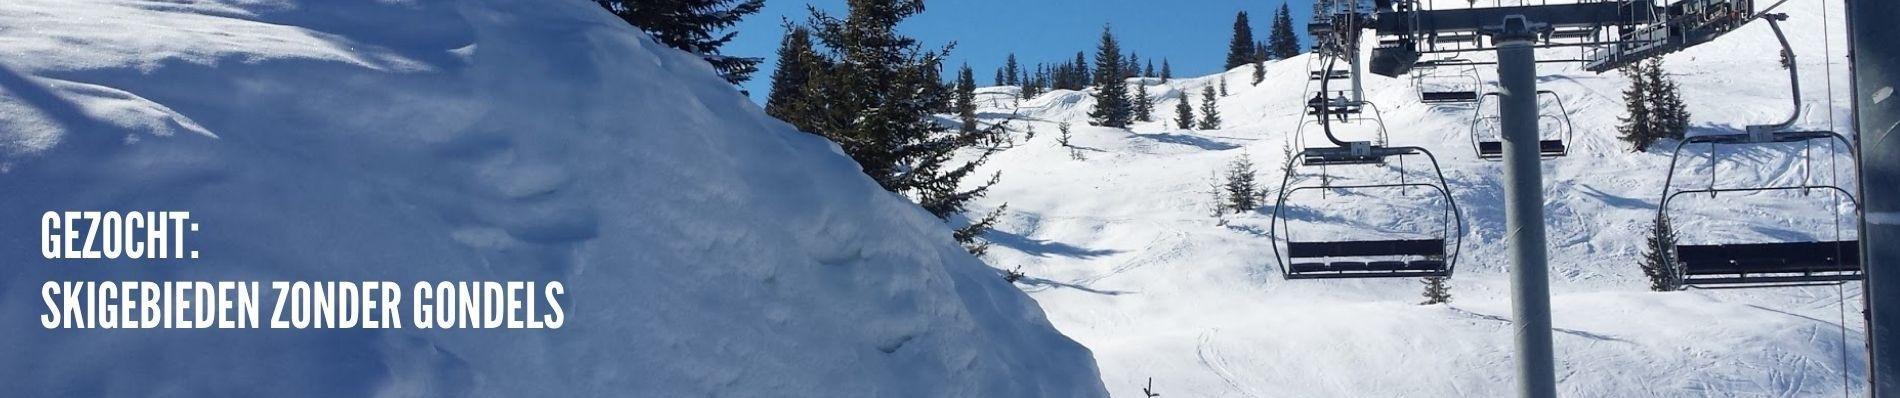 skigebieden frankrijk wintersport geen gondeels cabineliften